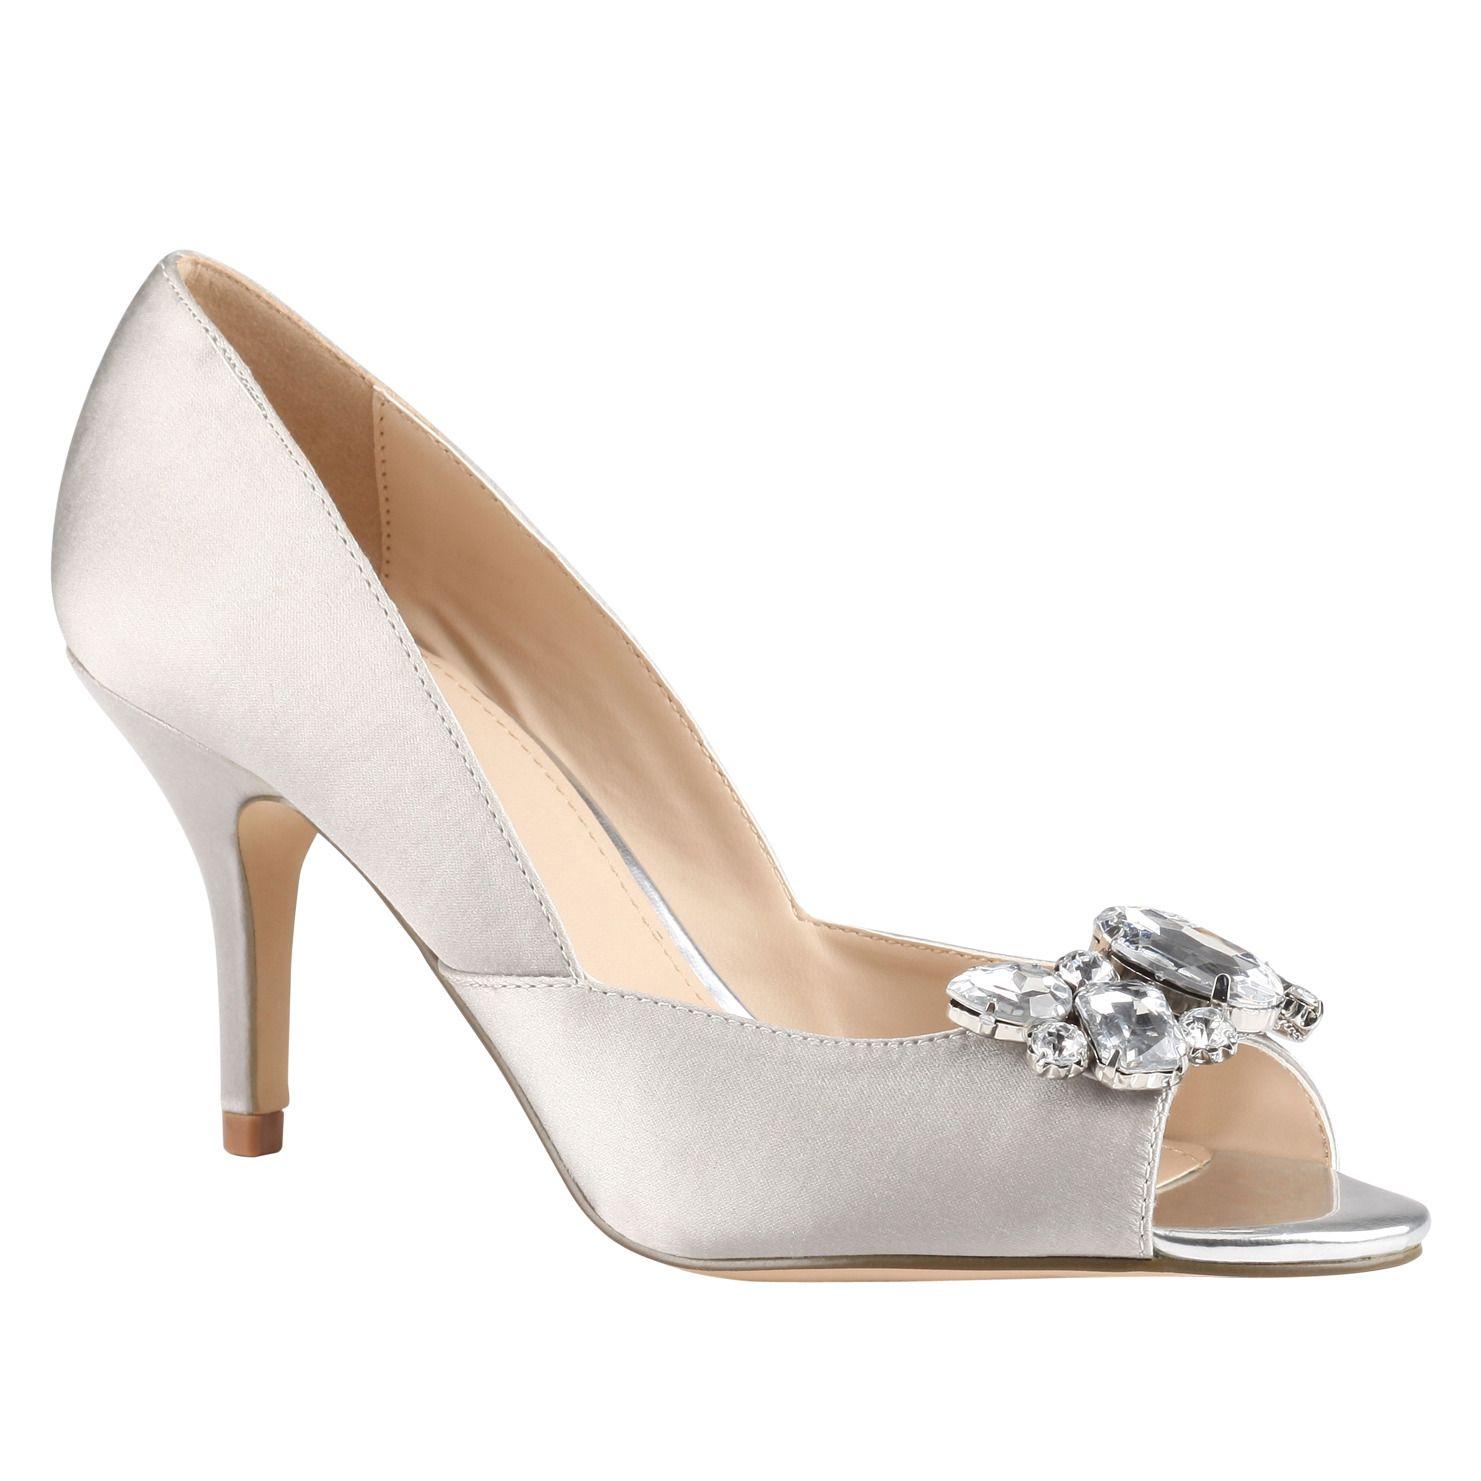 Bridal Shoes Aldo: Women's Peep-toe Pumps Shoes For Sale At ALDO